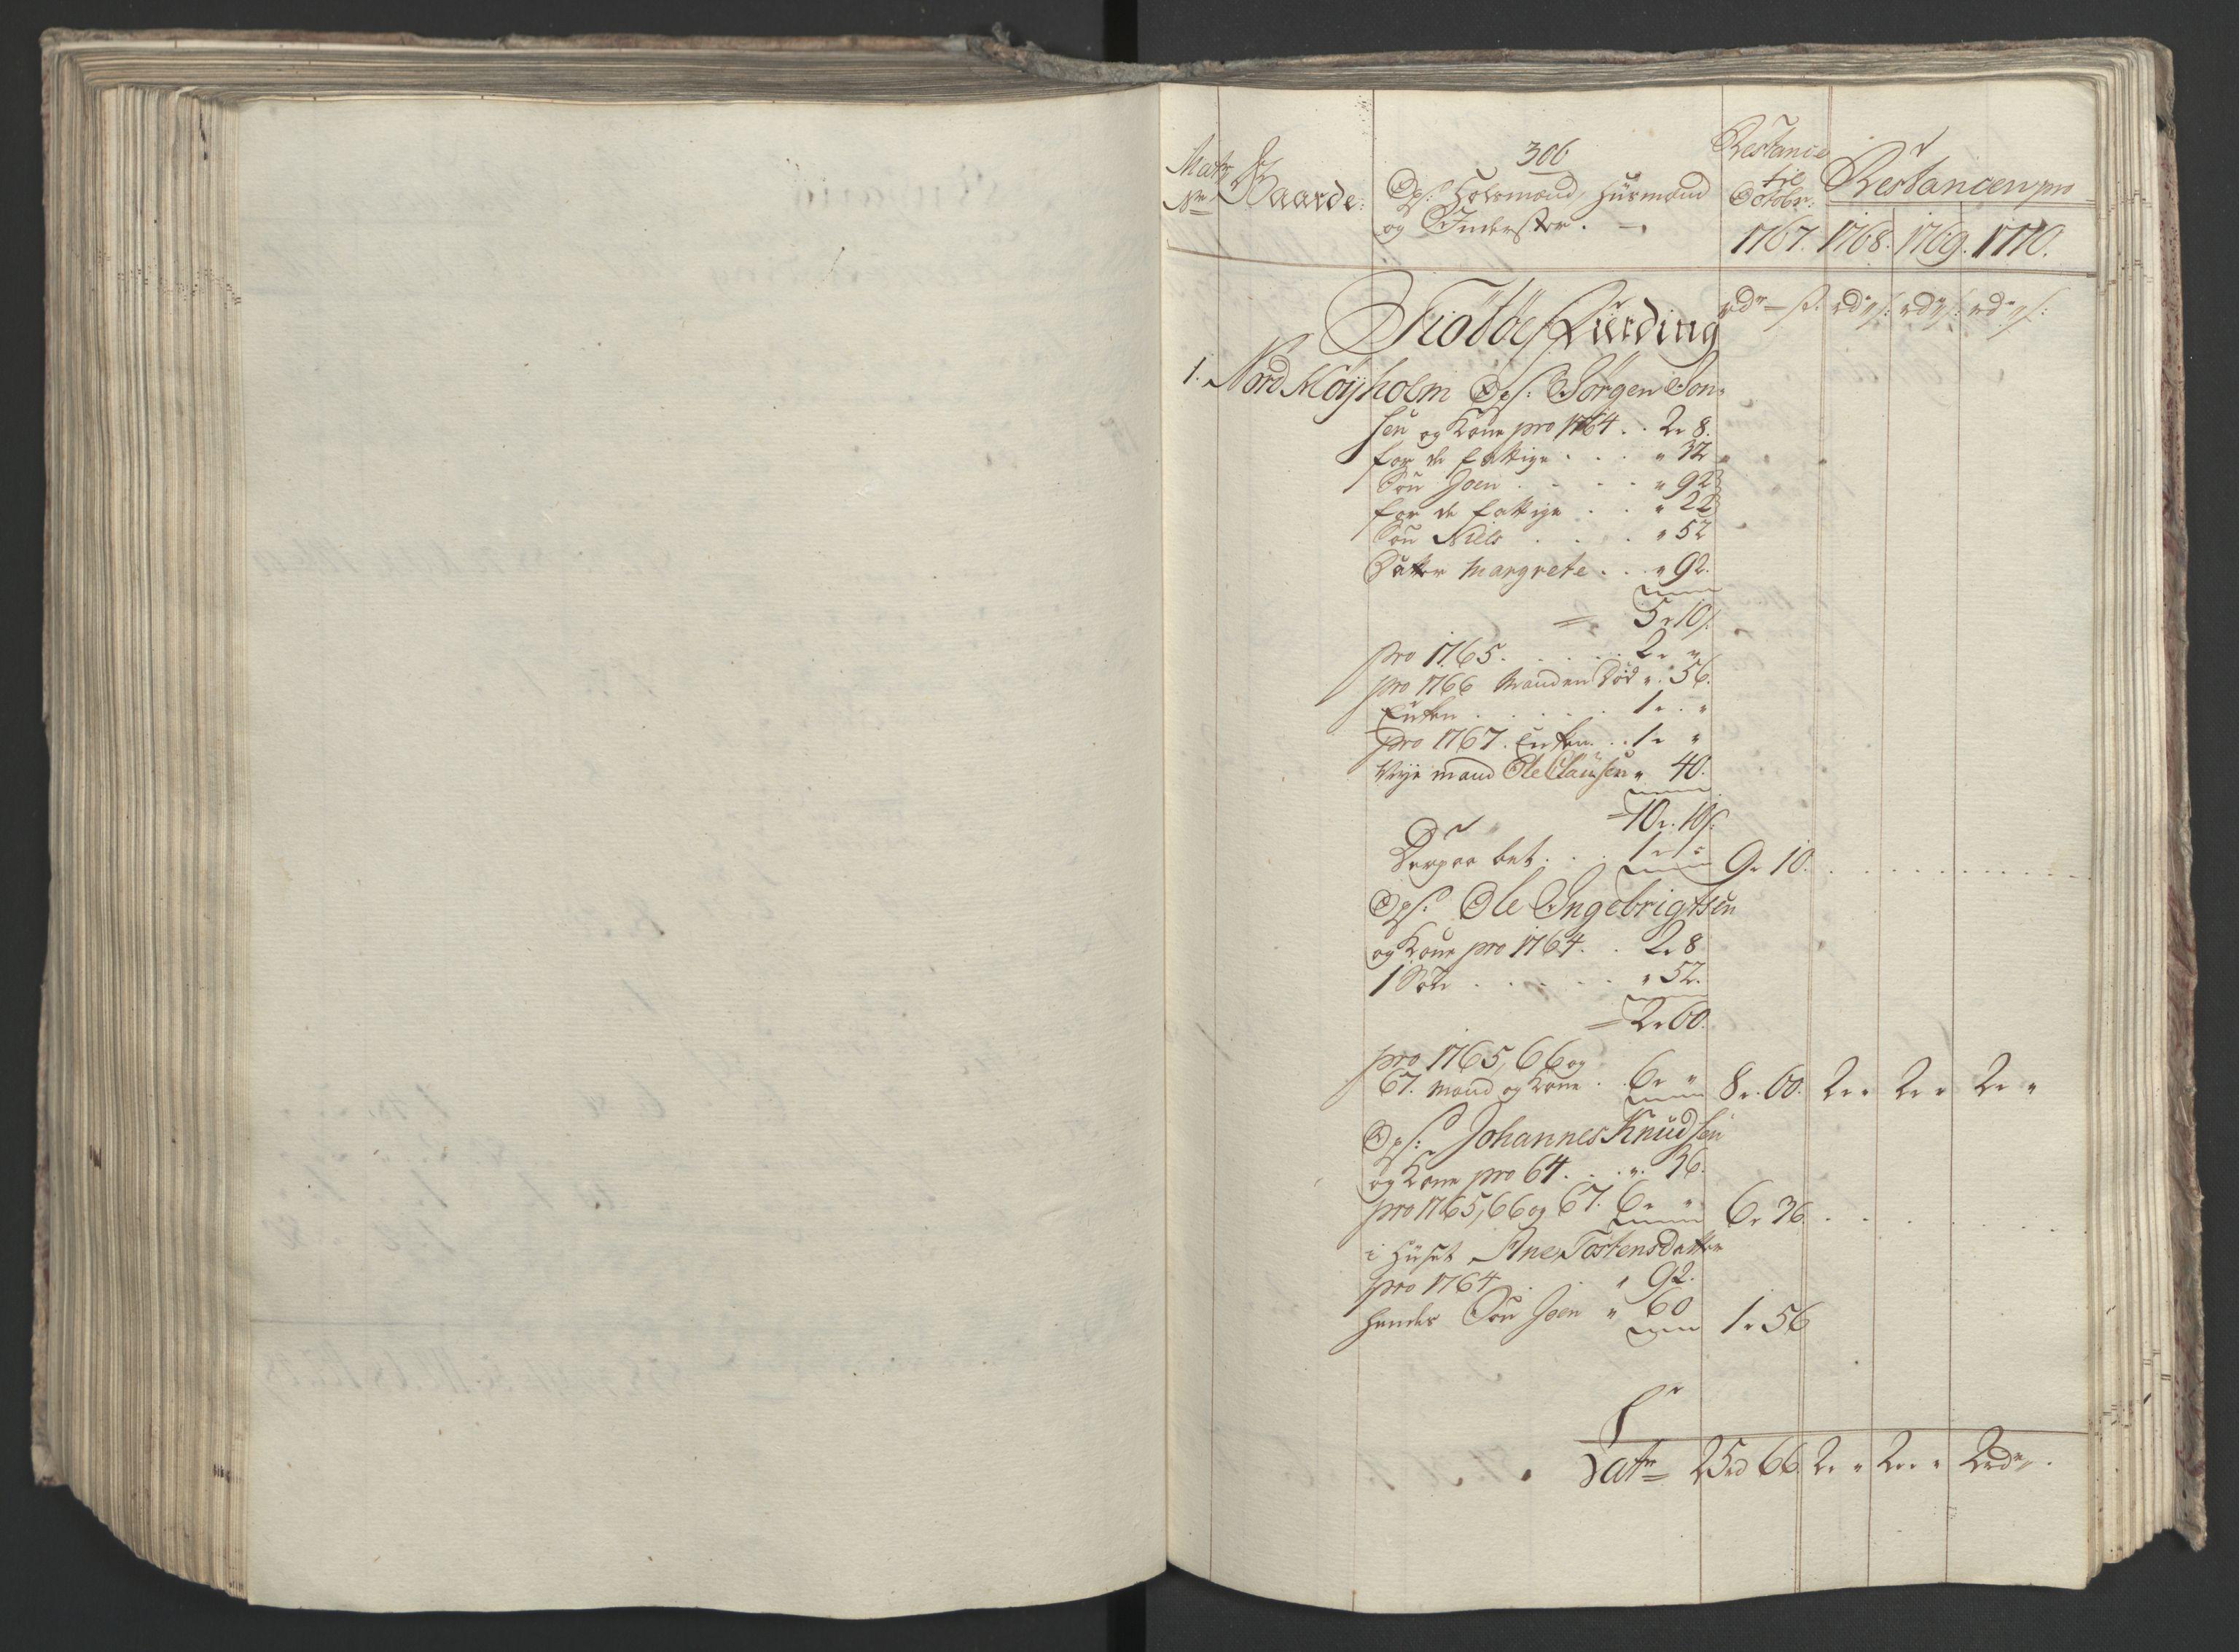 RA, Rentekammeret inntil 1814, Realistisk ordnet avdeling, Ol/L0023: [Gg 10]: Ekstraskatten, 23.09.1762. Helgeland (restanseregister), 1767-1772, s. 565